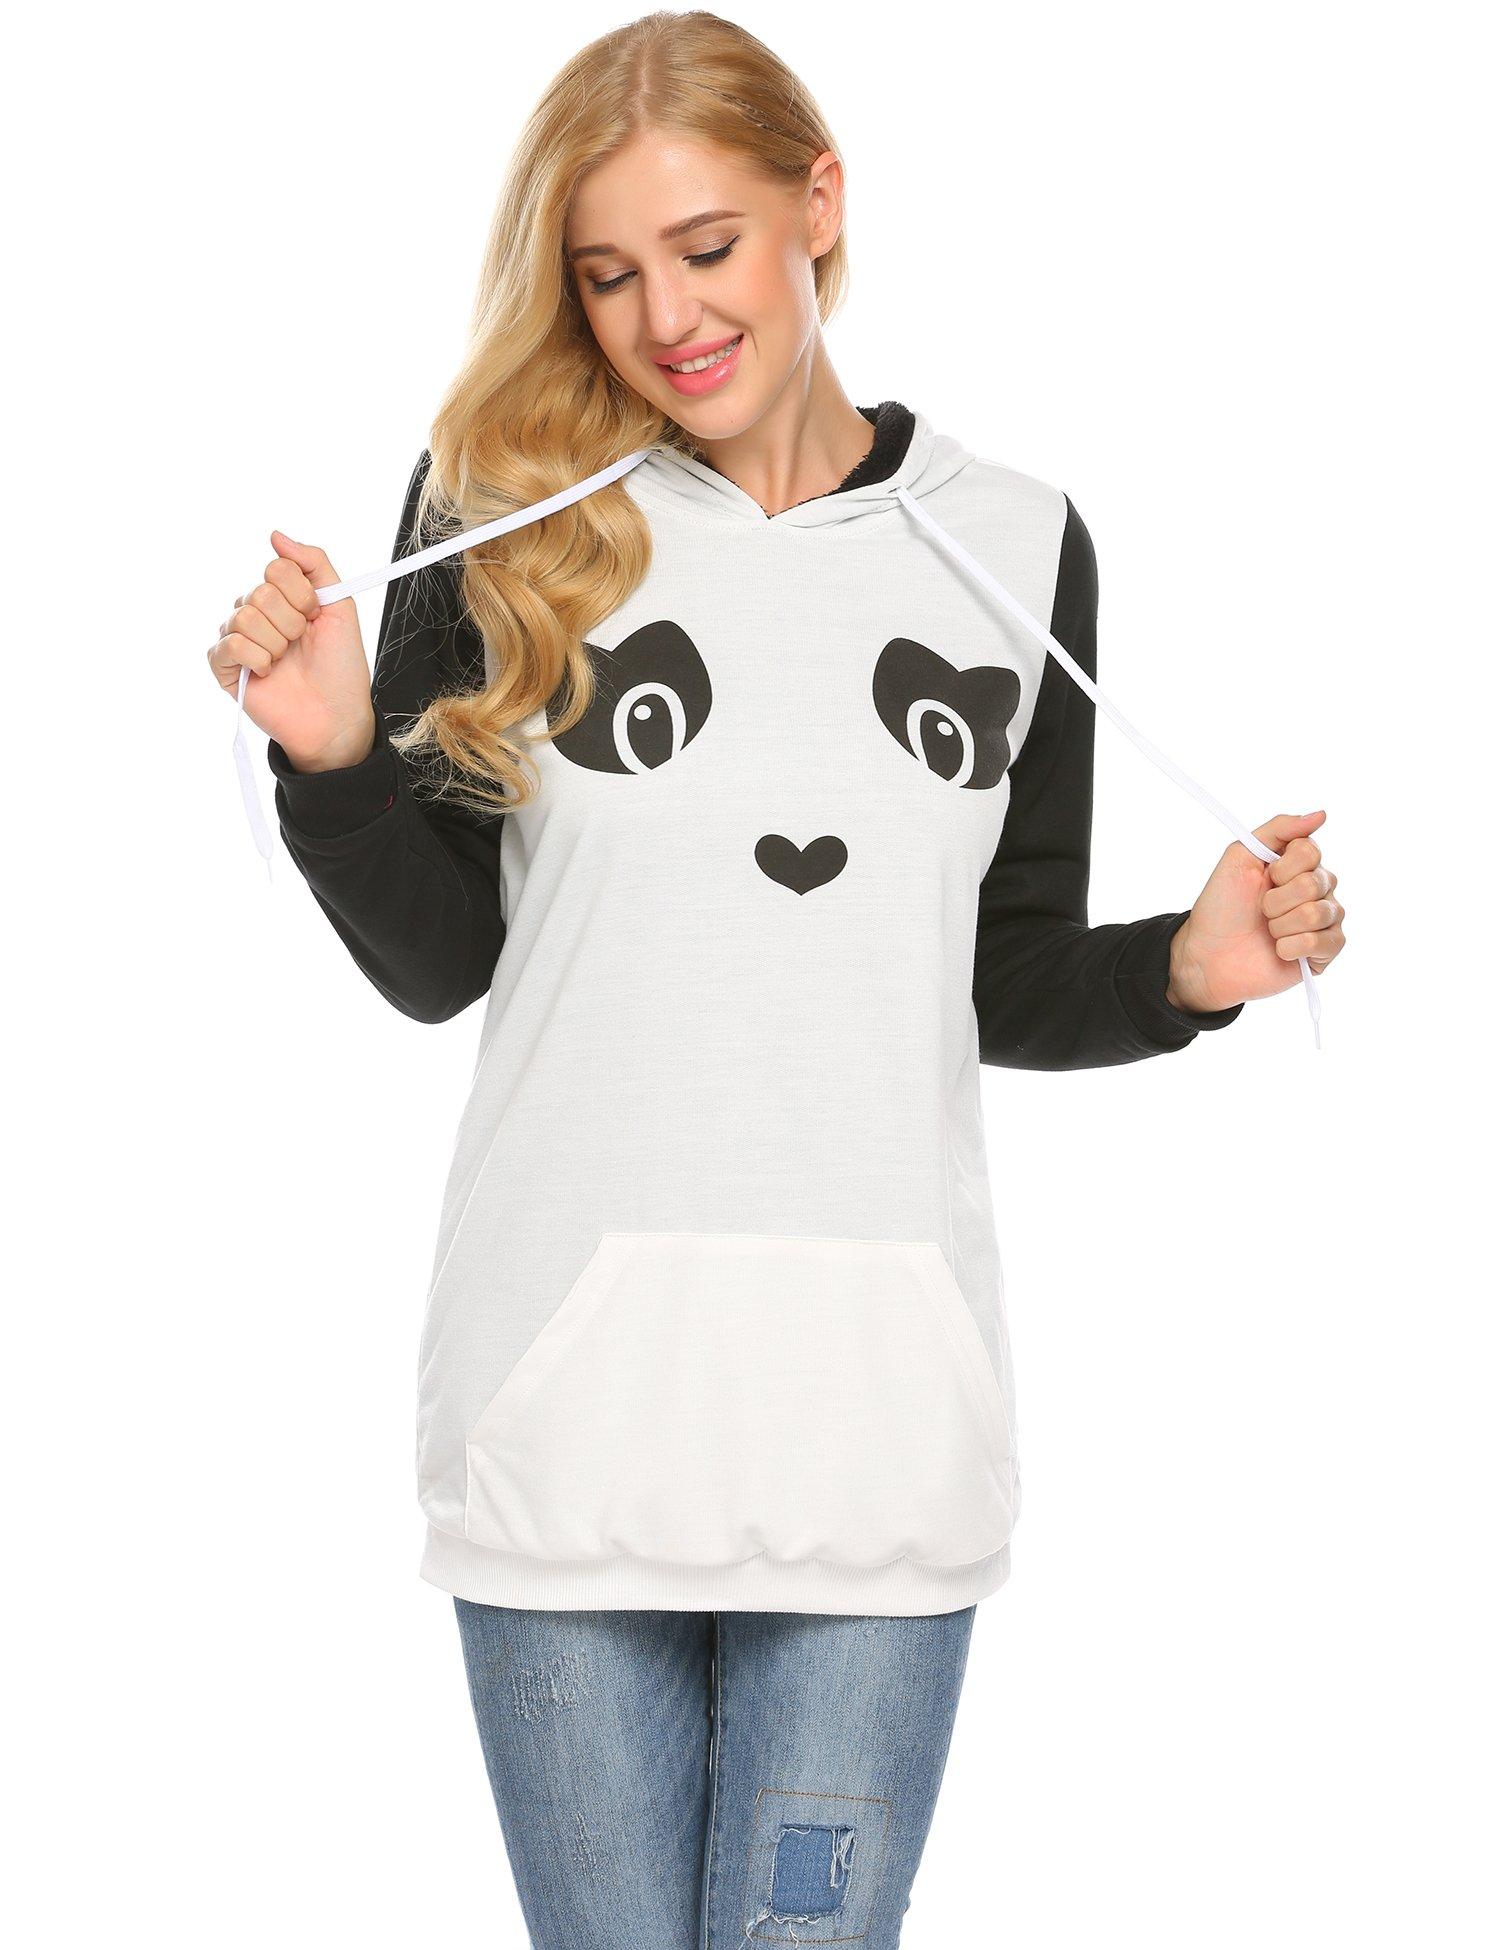 Zeagoo Women's Loose Fit Pullover Hoodie Sweatshirt with Kangaroo Pocket,White,M by Zeagoo (Image #2)